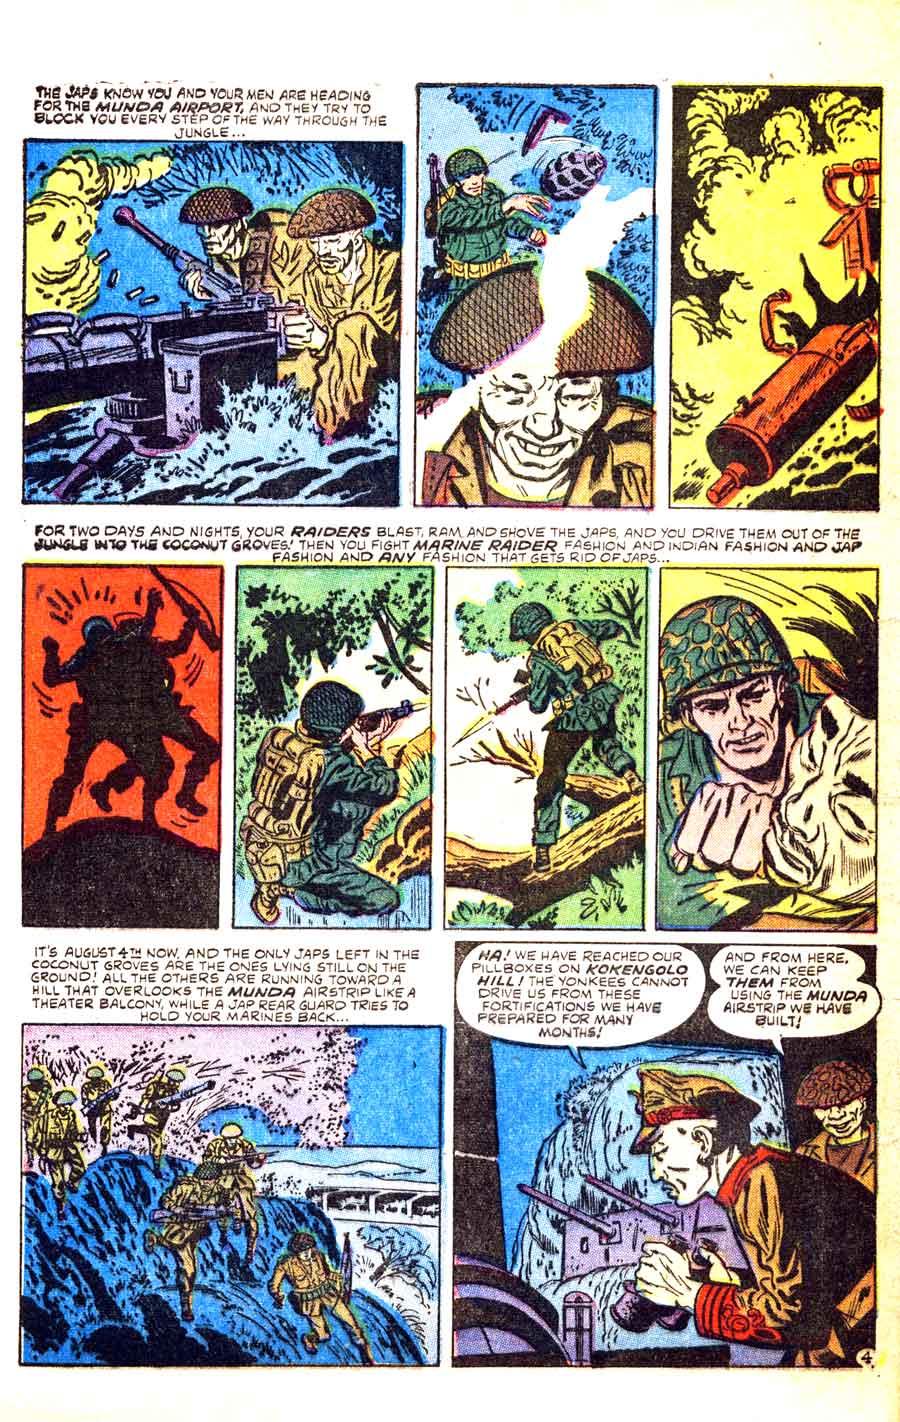 Joe Kubert golden age 1950s atlas war comic book page - Marines In Battle #8